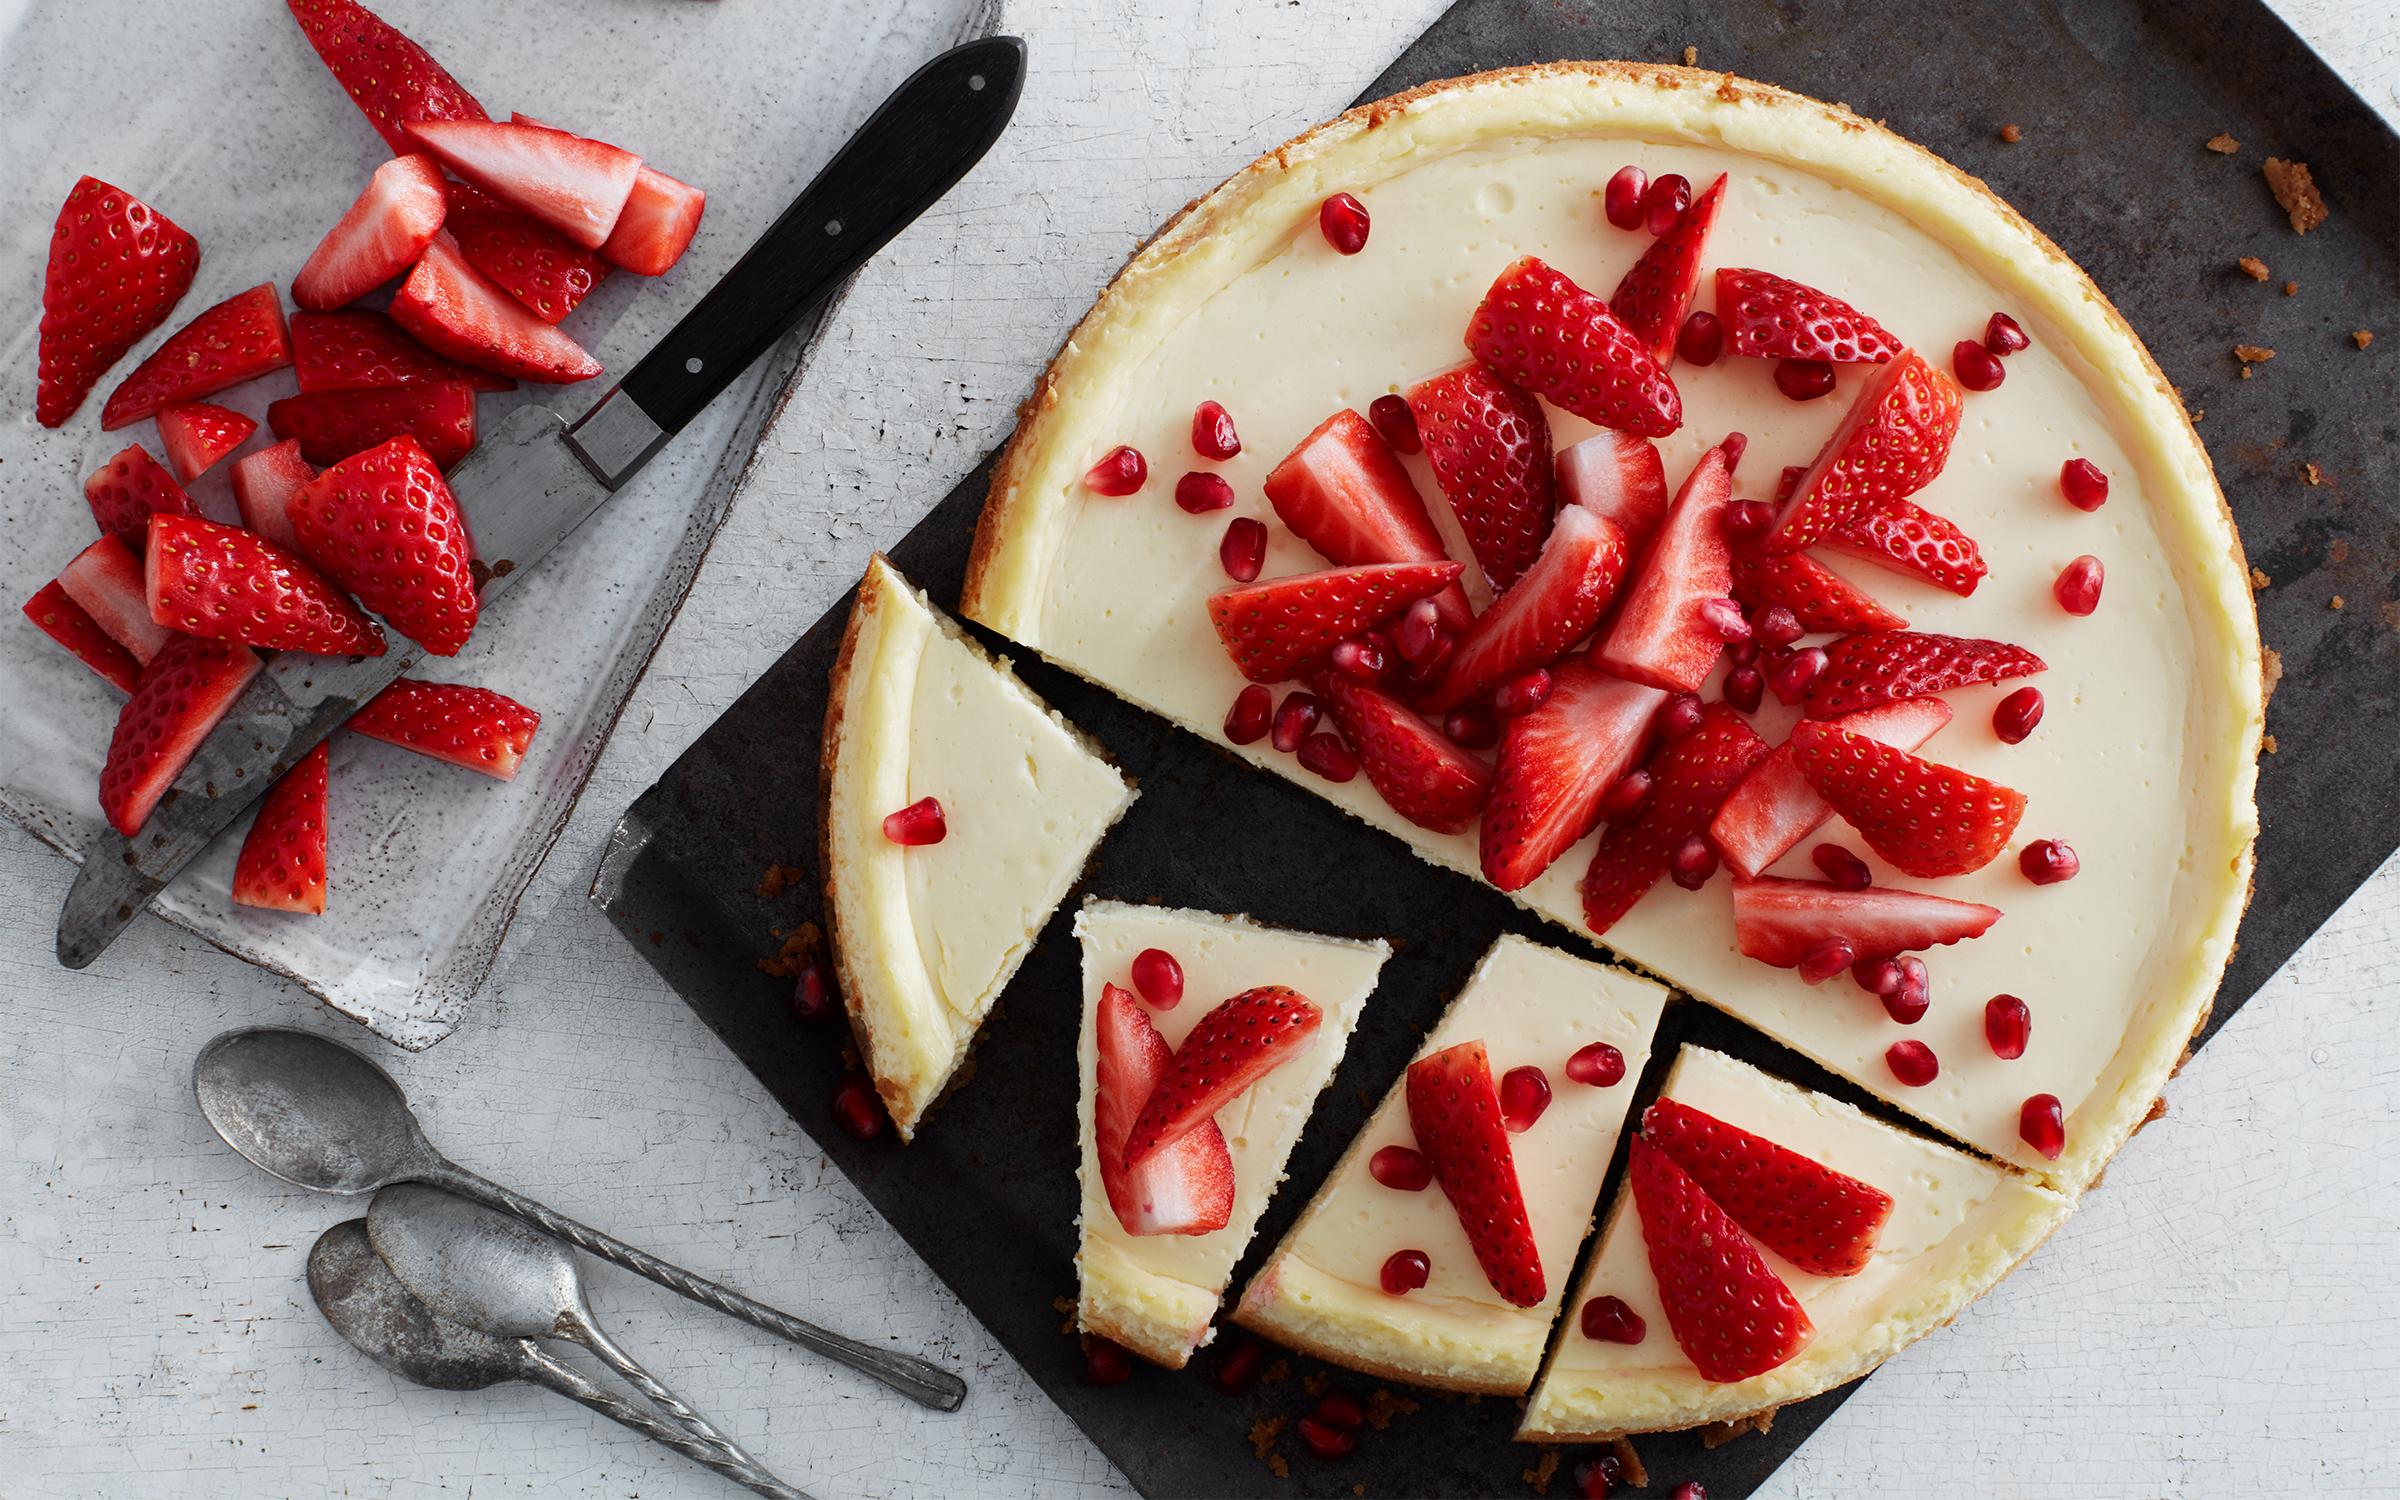 cheesecake utan ägg och mjölk